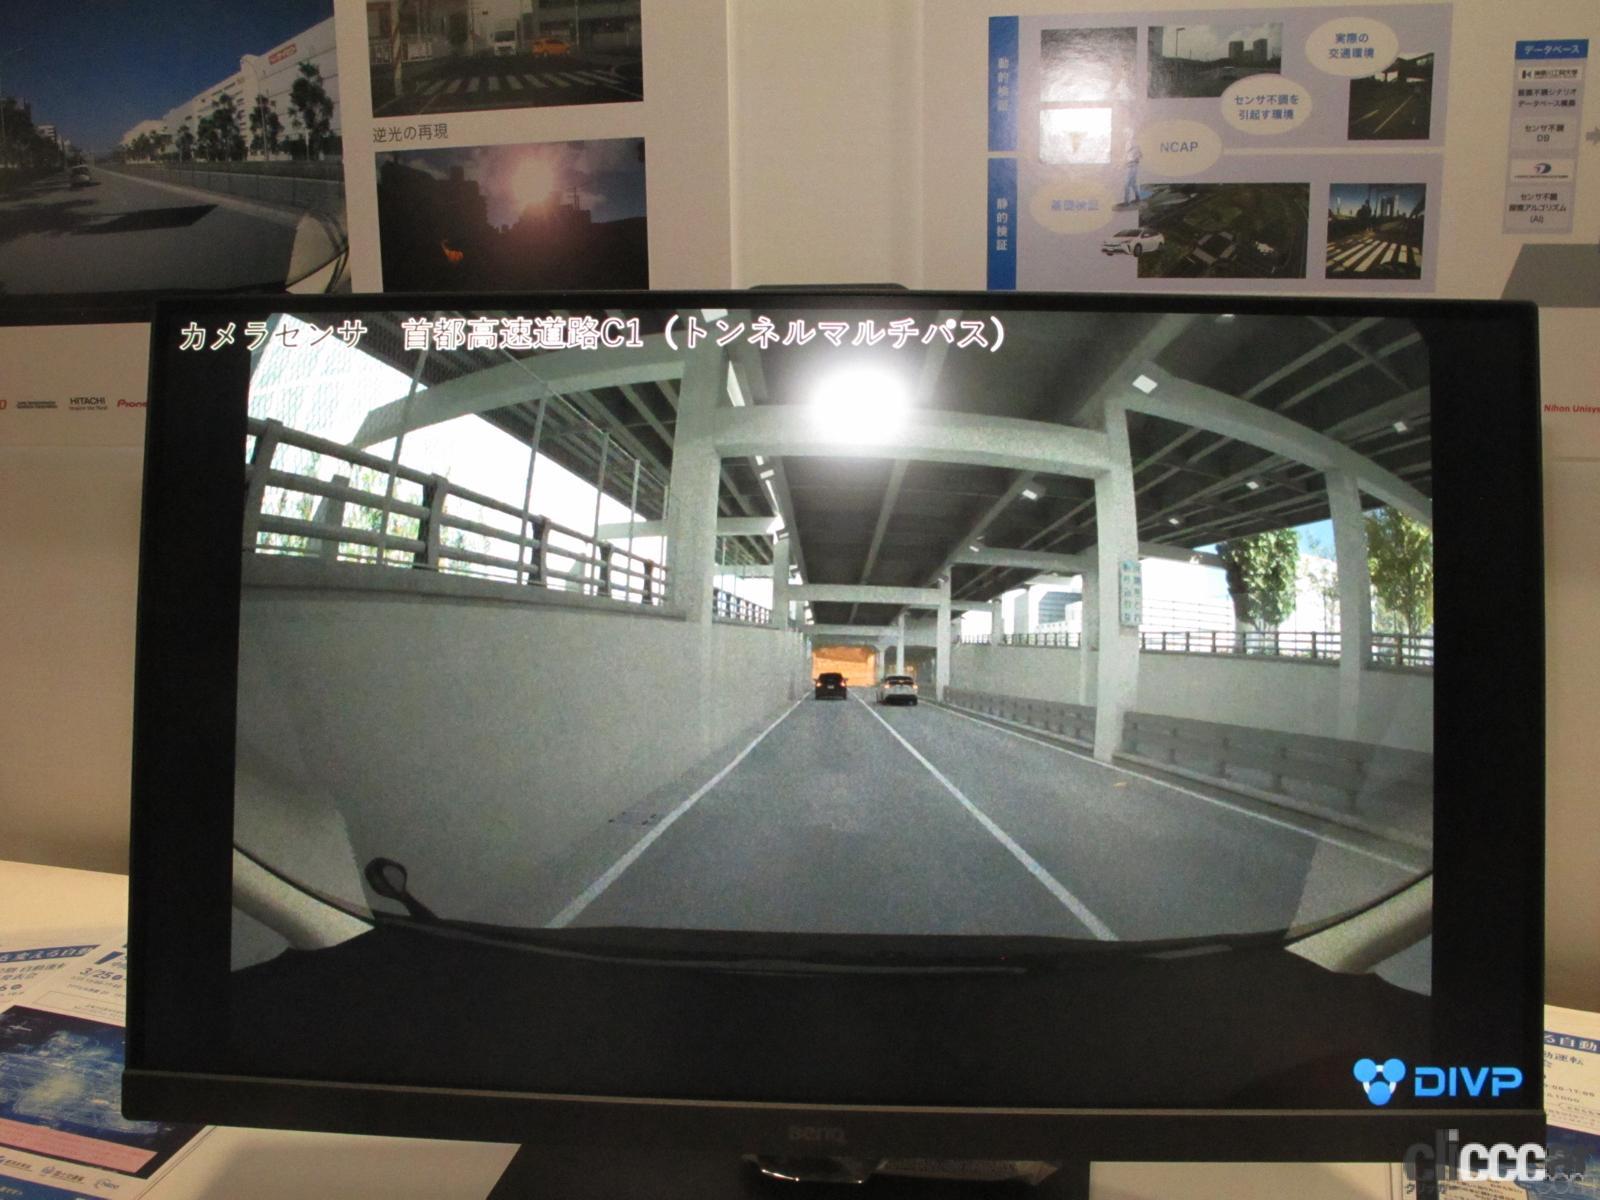 「清水和夫が解説!日本が進める「自動運転の今」はどんな技術で、どう使うのか?【SIP第2期 自動運転 中間成果発表会】」の11枚目の画像